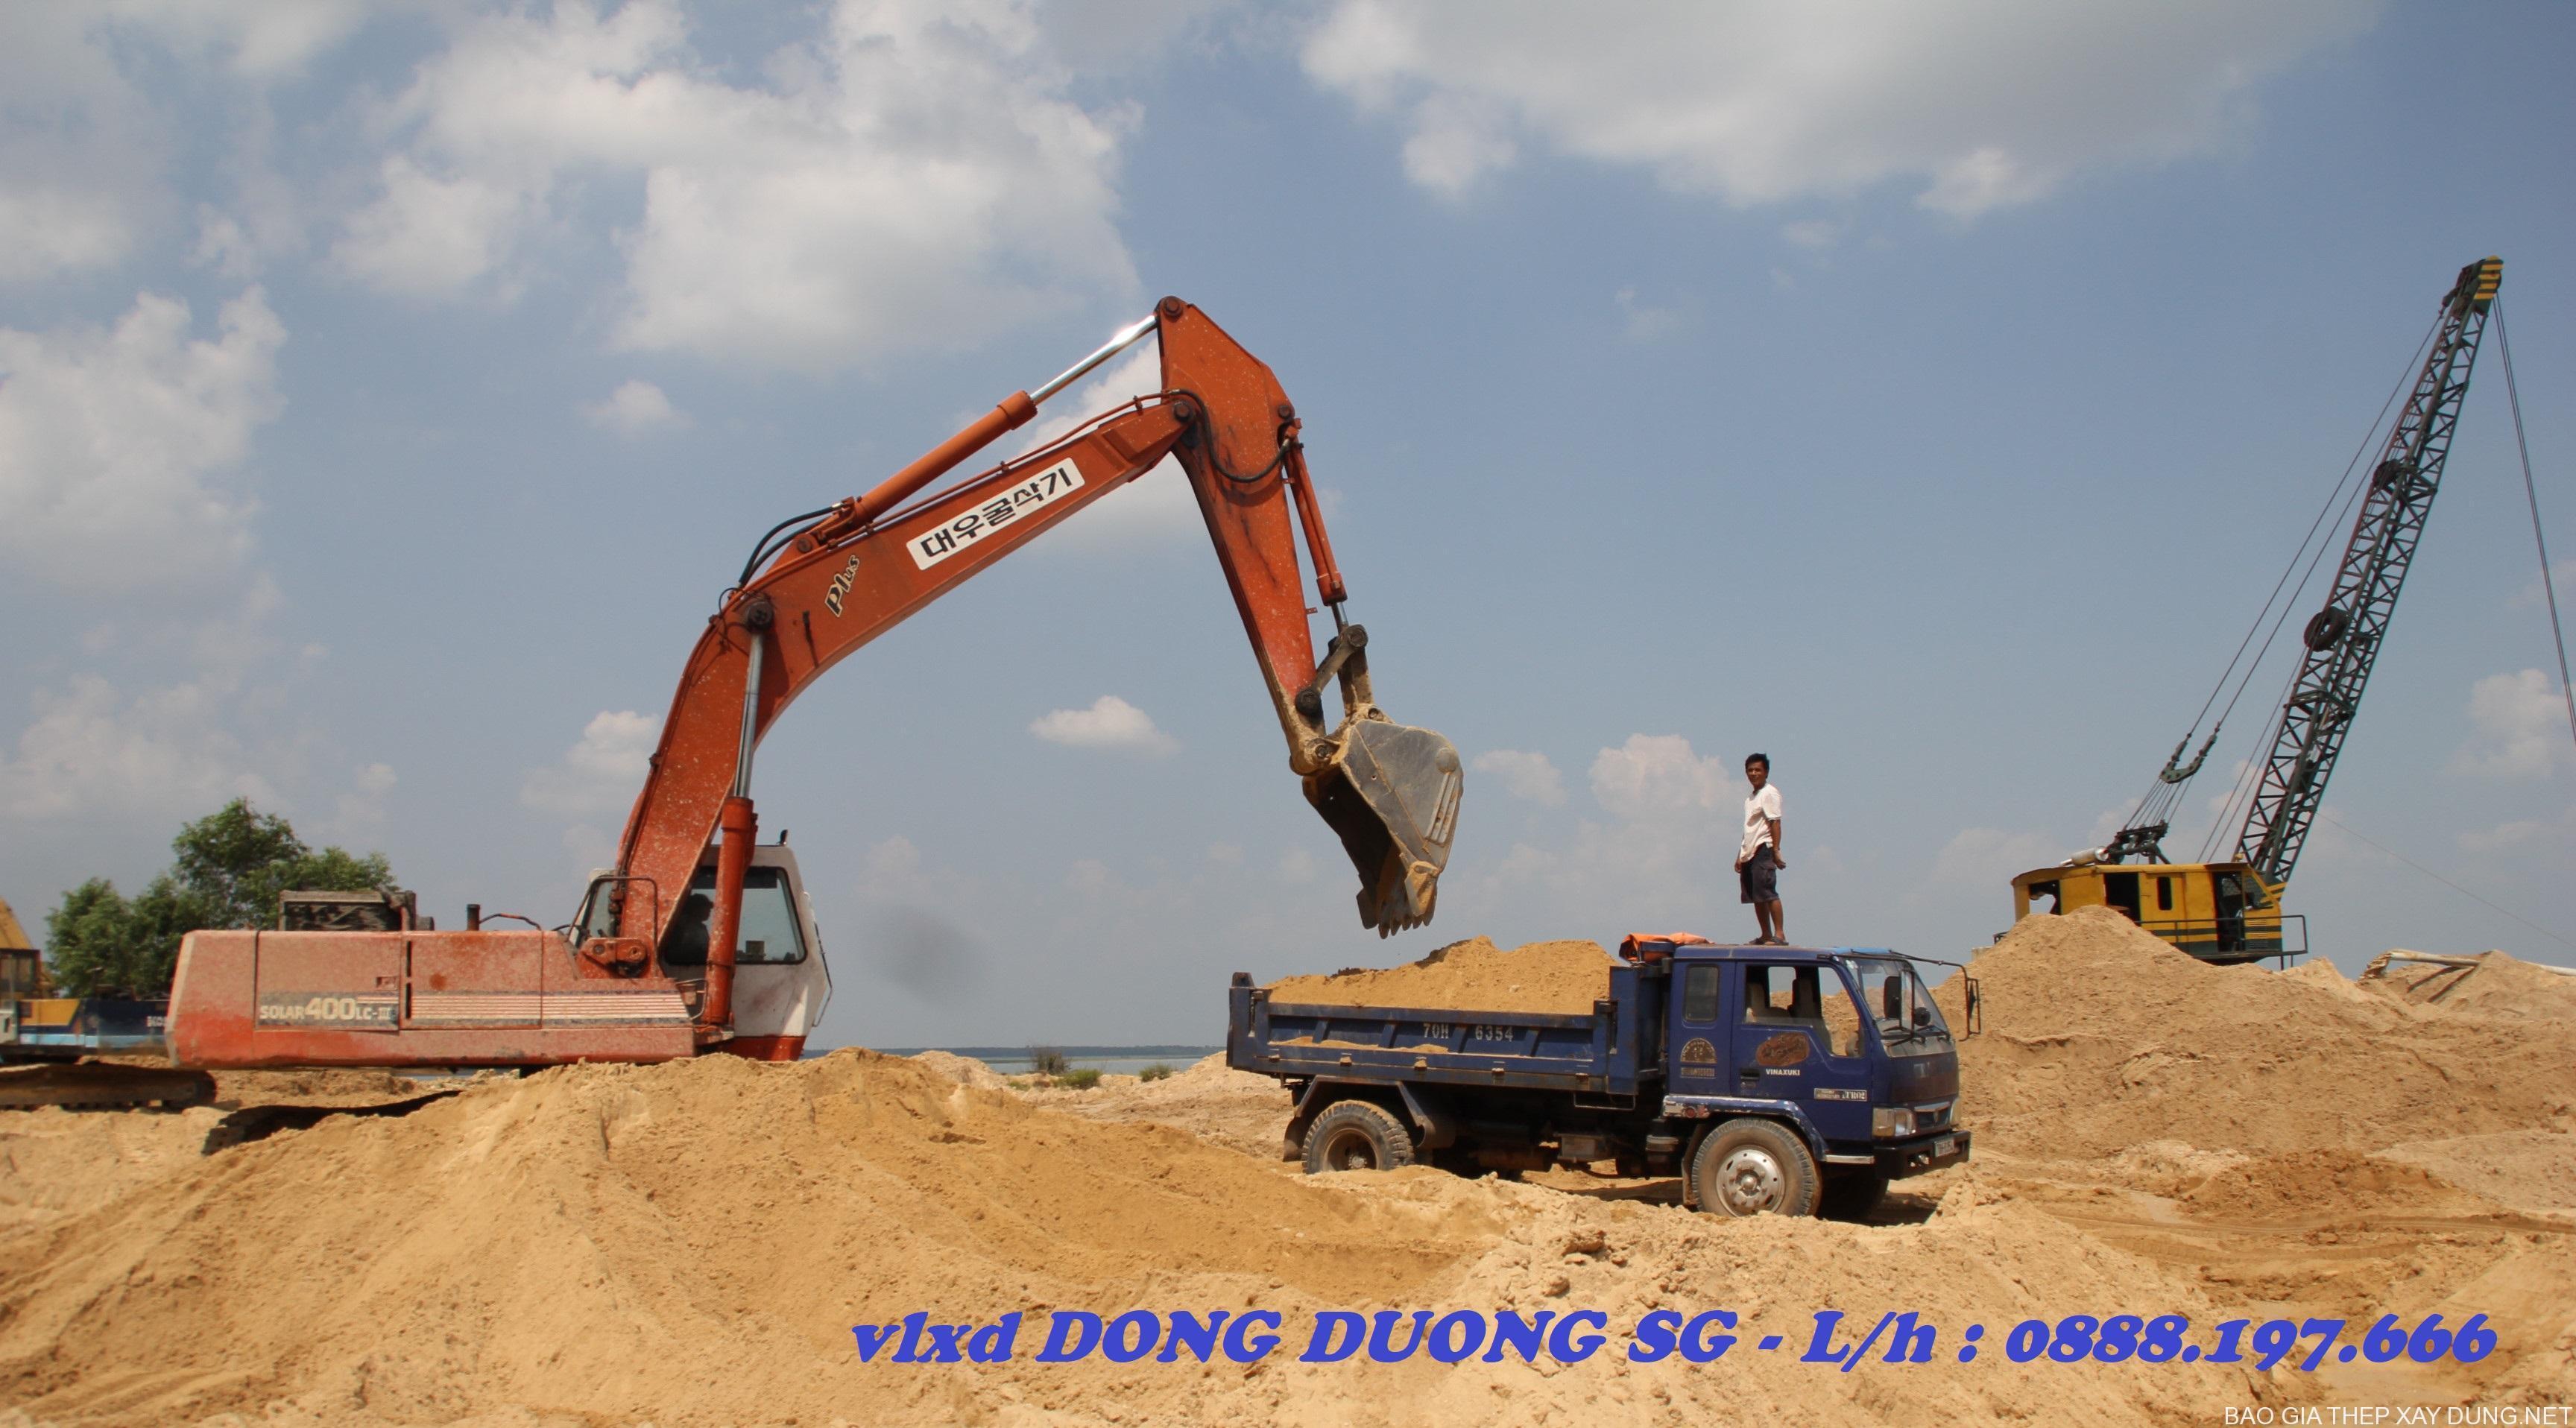 Cung cấp báo giá cát xây tô giá rẻ